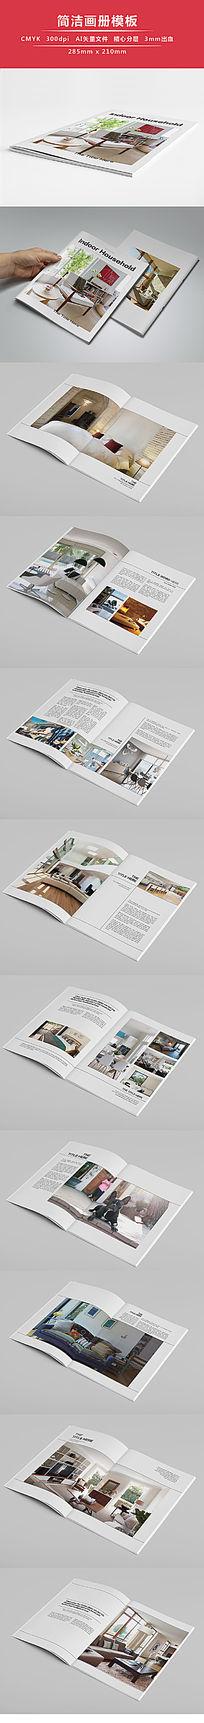 竖版家具作品类展示画册设计模板